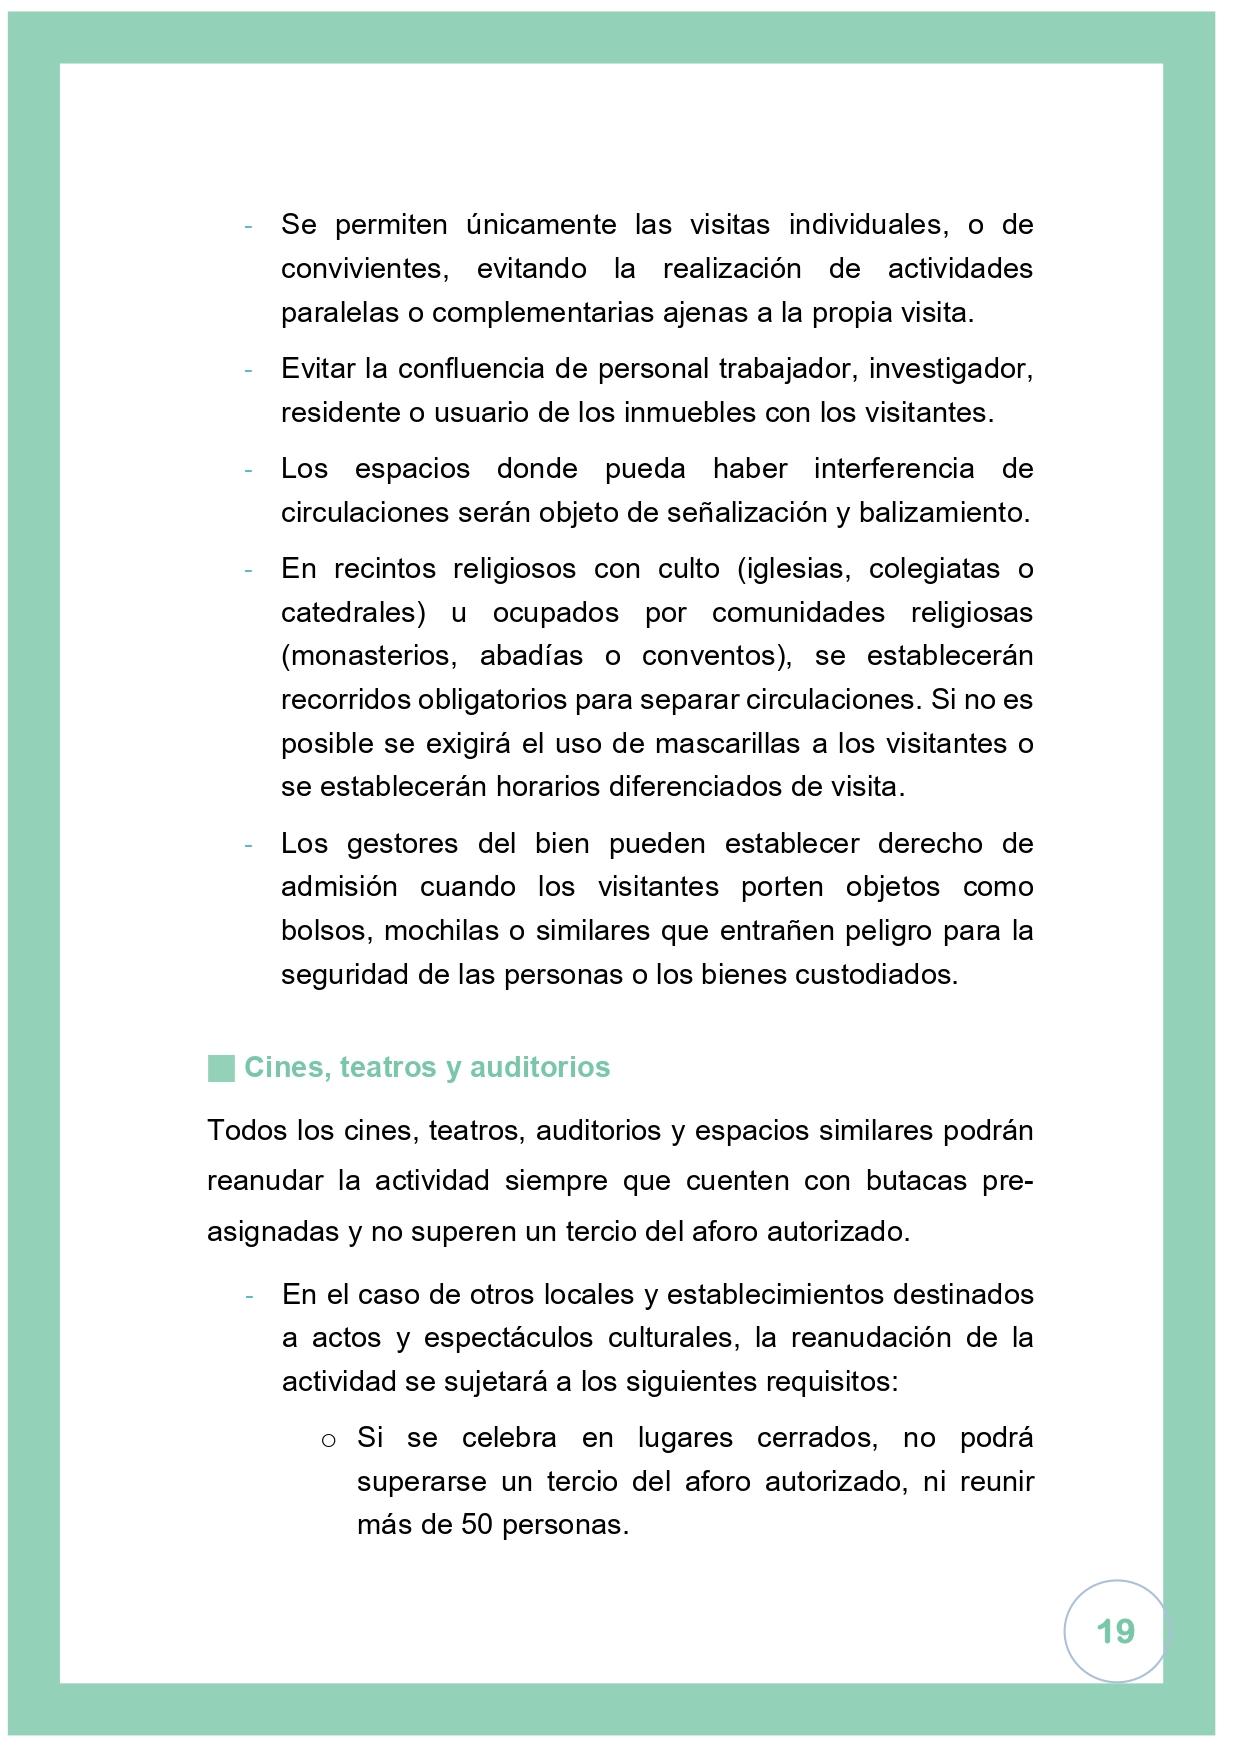 El gobierno oficializa que el Bierzo y Laciana pasan a la fase 2 el lunes 1 de junio 22